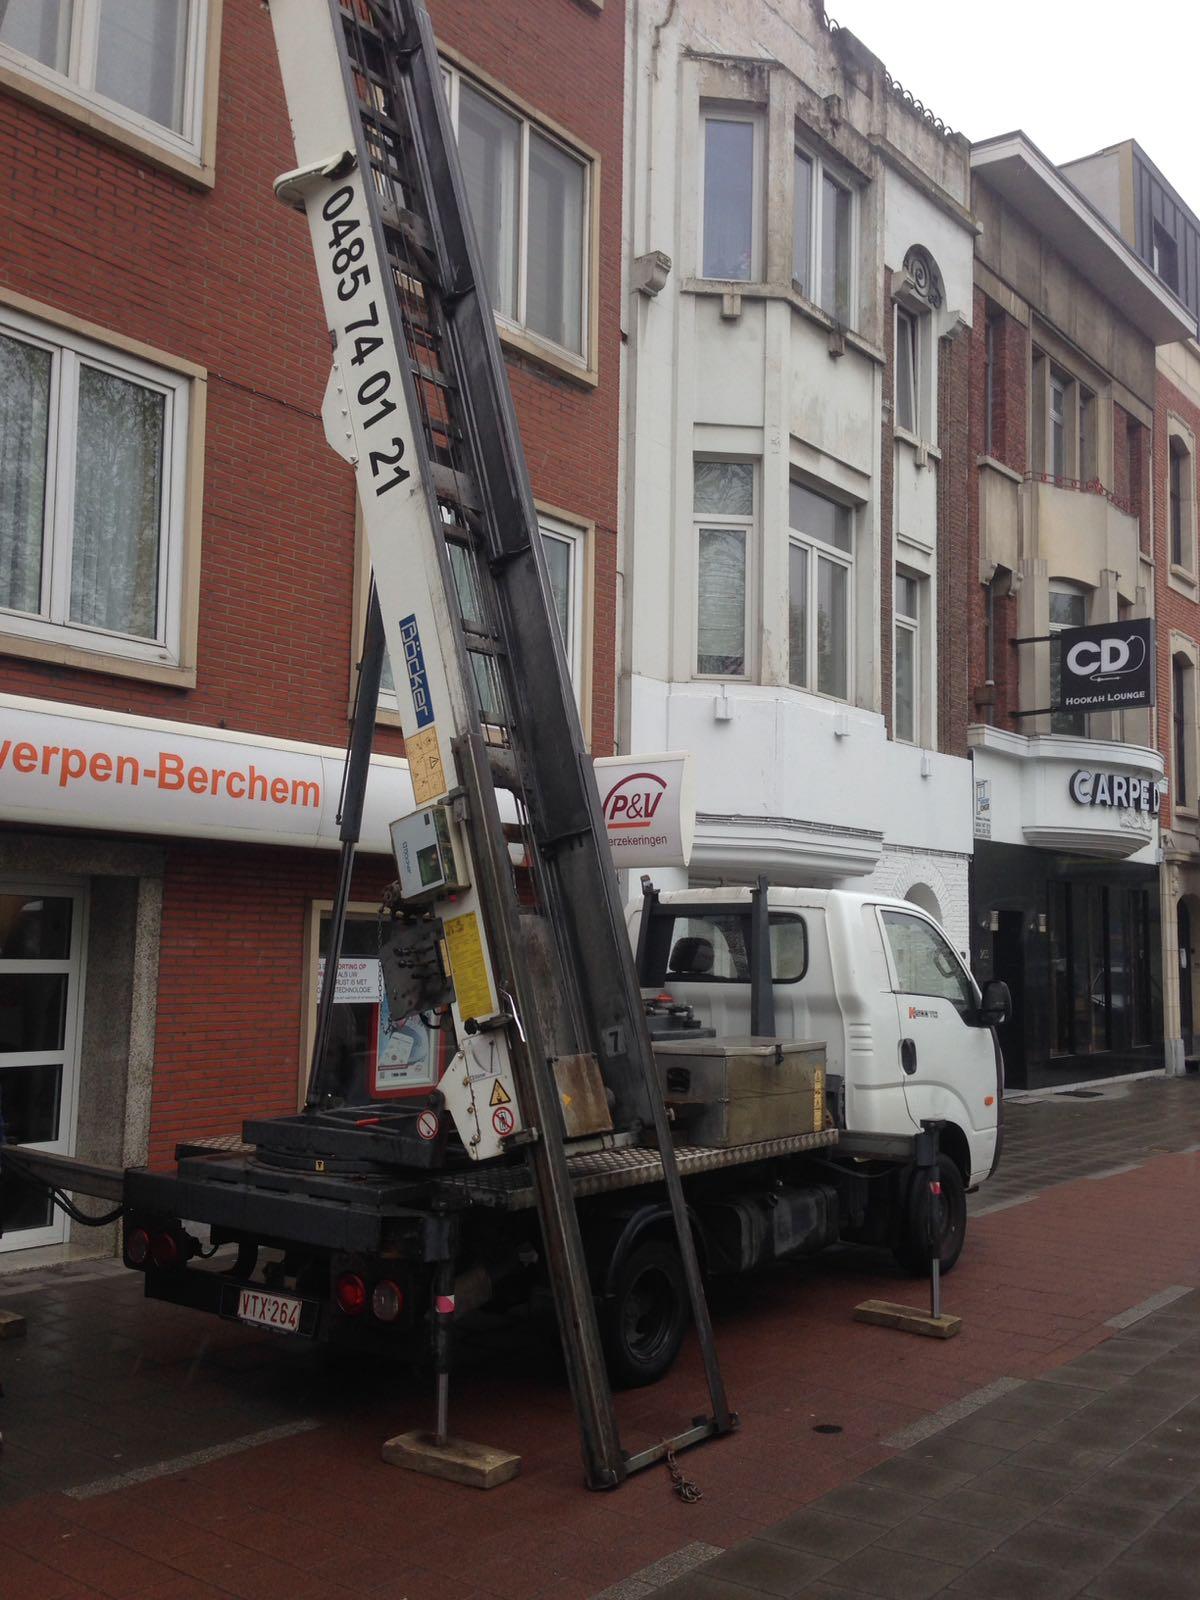 Ladderlift service nodig in Antwerpen